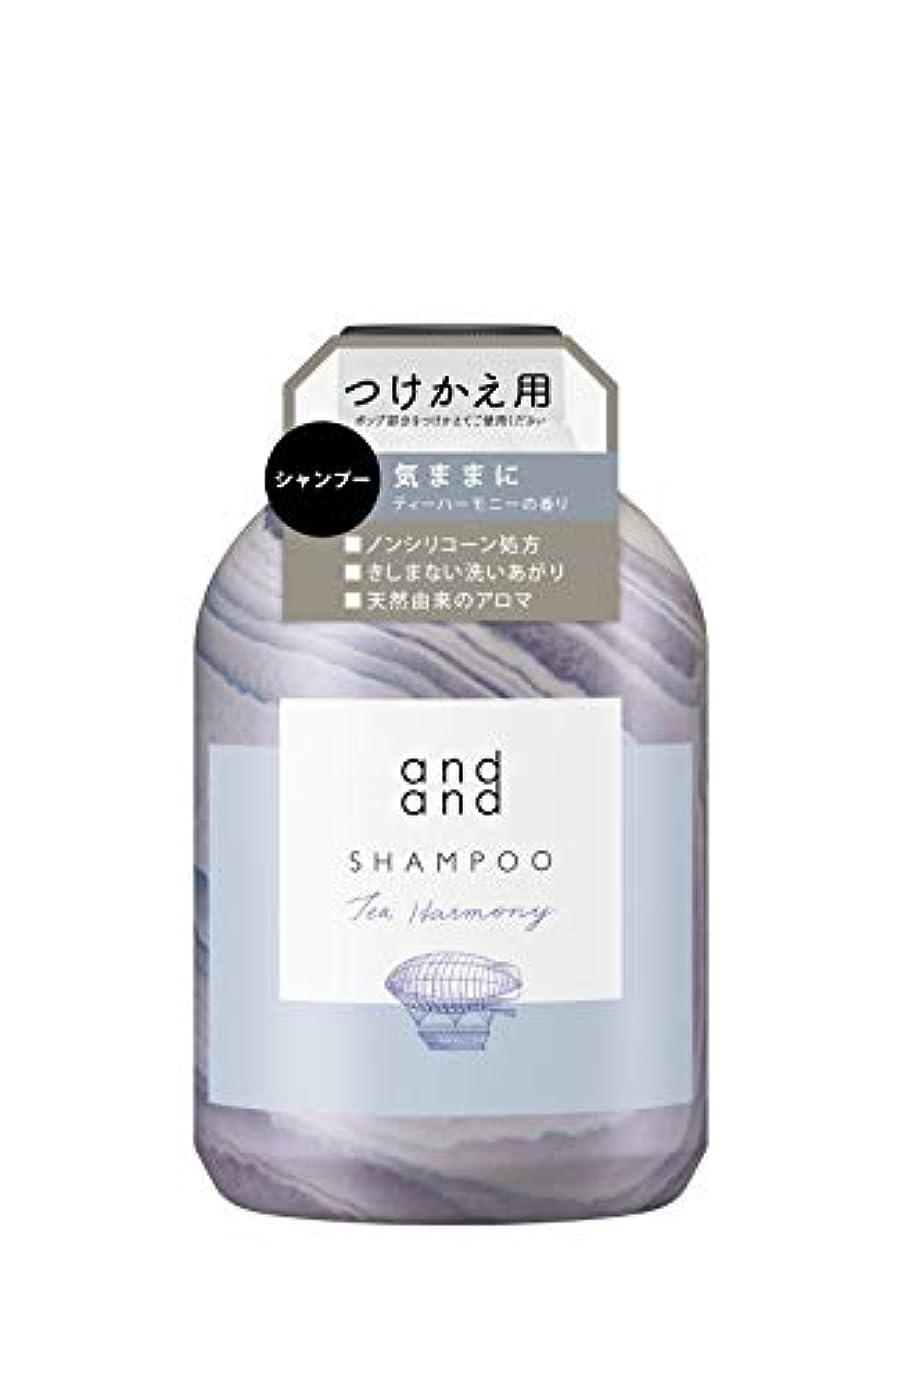 トースト寝具ペルセウスandand(アンドアンド) 気ままに[ノンシリコーン処方] シャンプー ティーハーモニーの香り 480ml